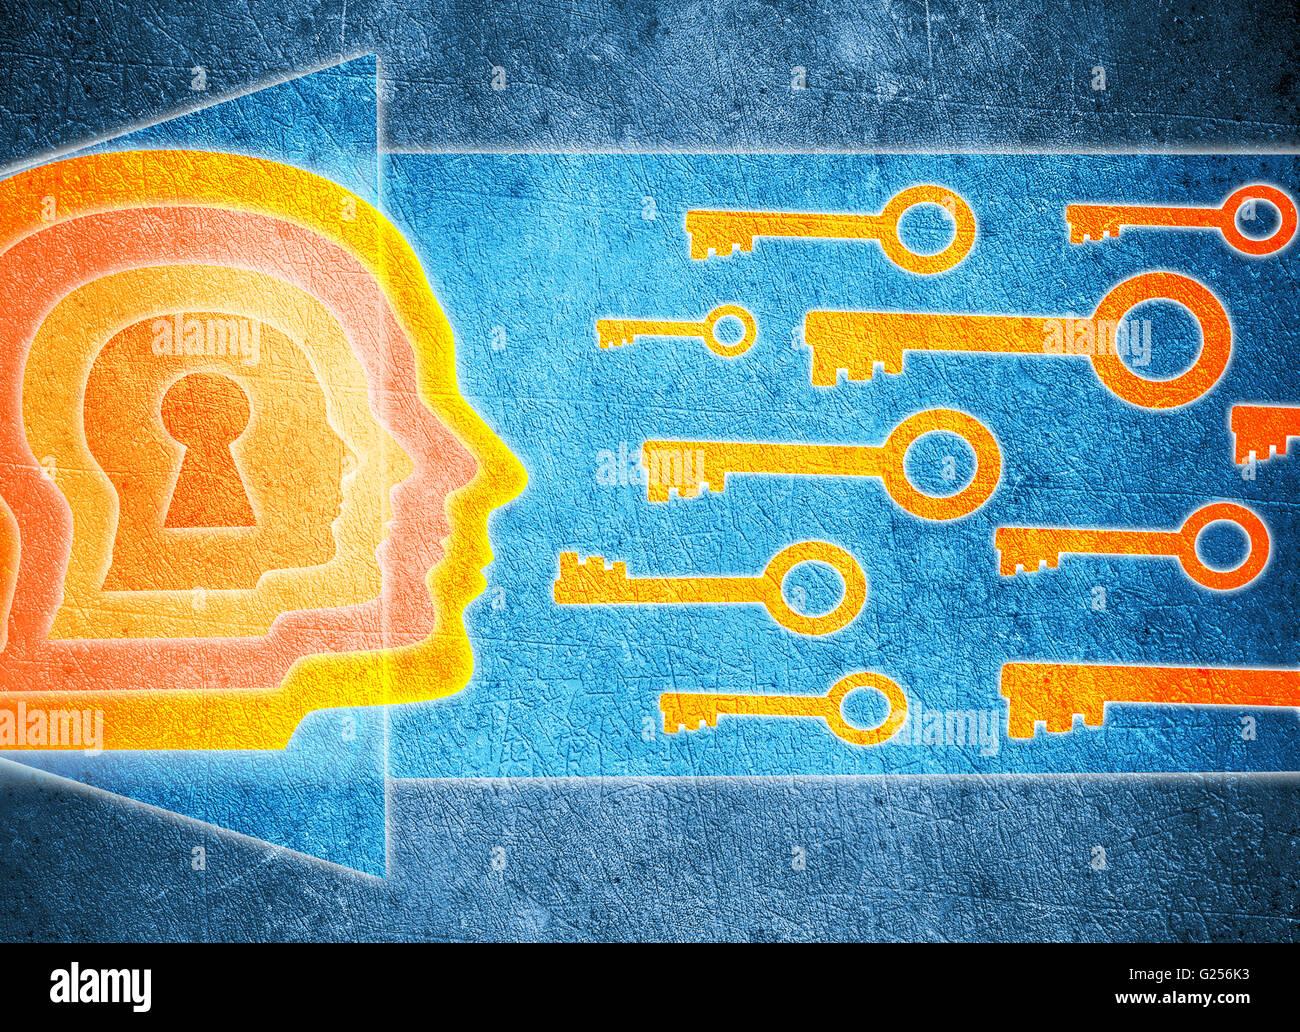 Tête humaine avec serrure et clefs psychologie concept illustration numérique Photo Stock